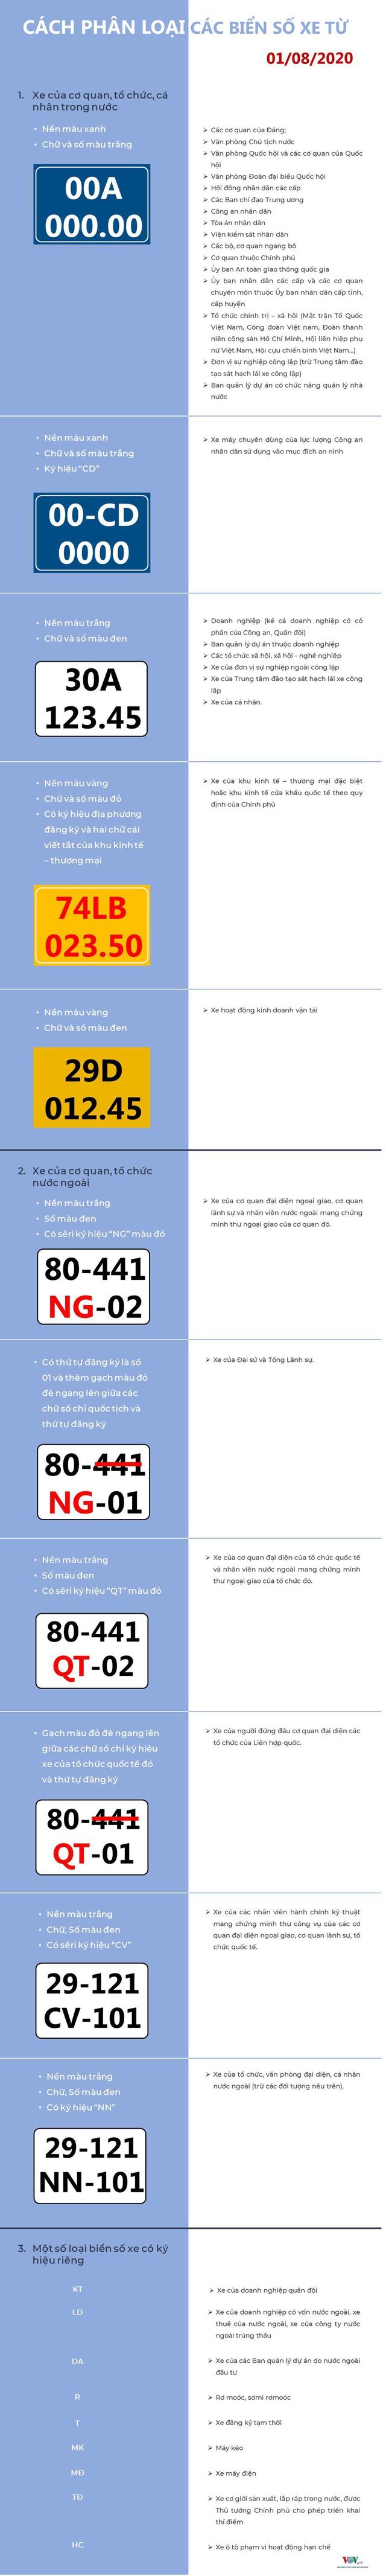 Cách phân biệt các loại biển số xe từ 1/8 - Ảnh 1.